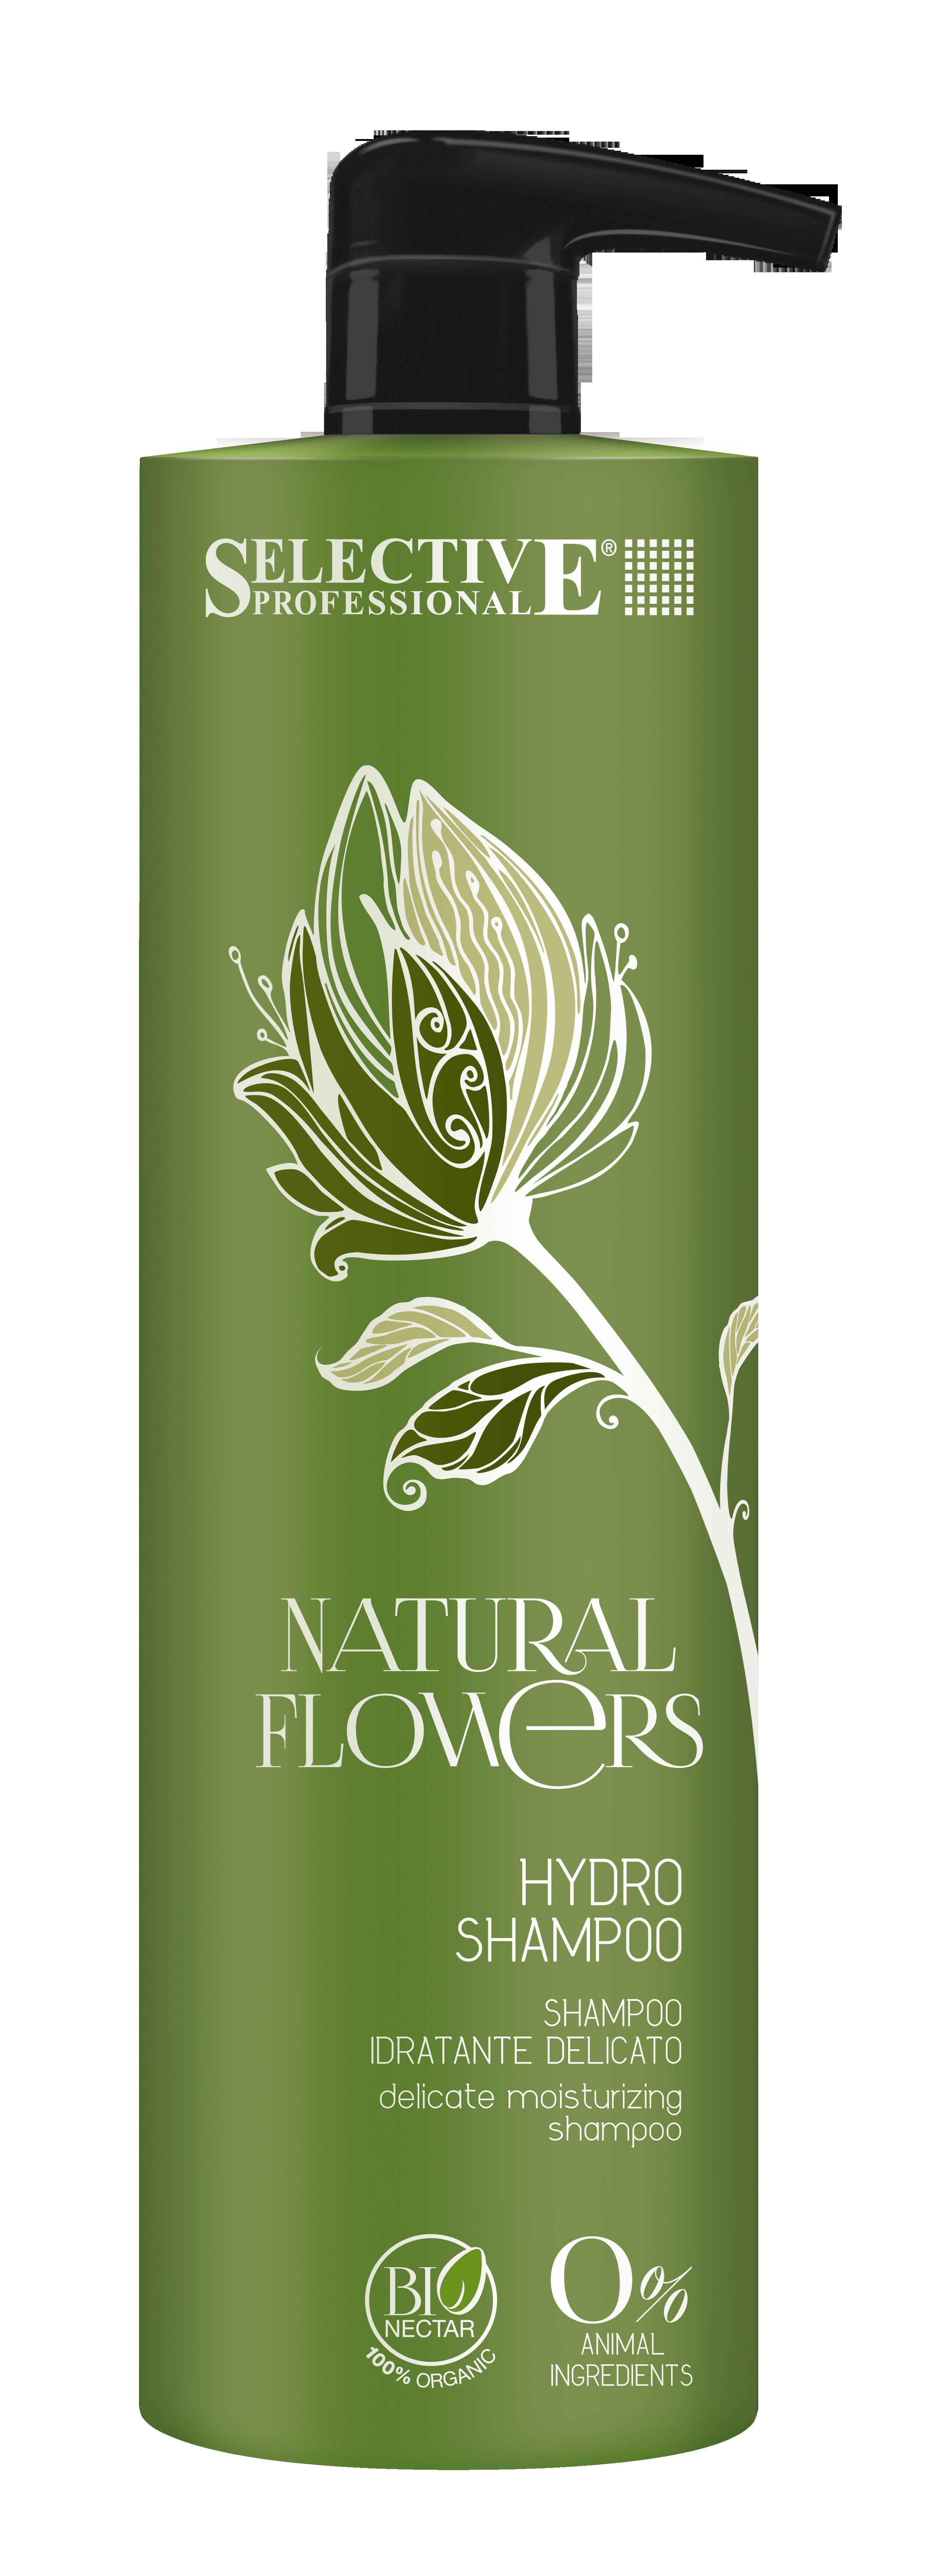 SELECTIVE PROFESSIONAL Шампунь-аква для частого применения / Hydro Shampoo Natural Flowers 1000млШампуни<br>Увлажняющий шампунь мягкого действия для частого применения. Идеально подходит для всех типов волос. Шампунь не содержит SLES (лауретсульфата натрия). Благодаря ингредиентам, обладающим исключительно мягким и щадящим действием, увлажняет, тонизирует, придает волосам объем и блеск. Активные ингредиенты: состав обогащен биологически чистым экстрактом арники и бионектаром - эксклюзивной натуральной смесью целебных растительных комплексов. Способ применения: распределите шампунь по влажным волосам и помассируйте голову. Тщательно смойте. При необходимости повторите процедур, после чего нанесите подходящее для ваших волос средство для ухода.<br><br>Пол: Женский<br>Класс косметики: Натуральная<br>Типы волос: Для всех типов<br>Время применения: Ежедневный